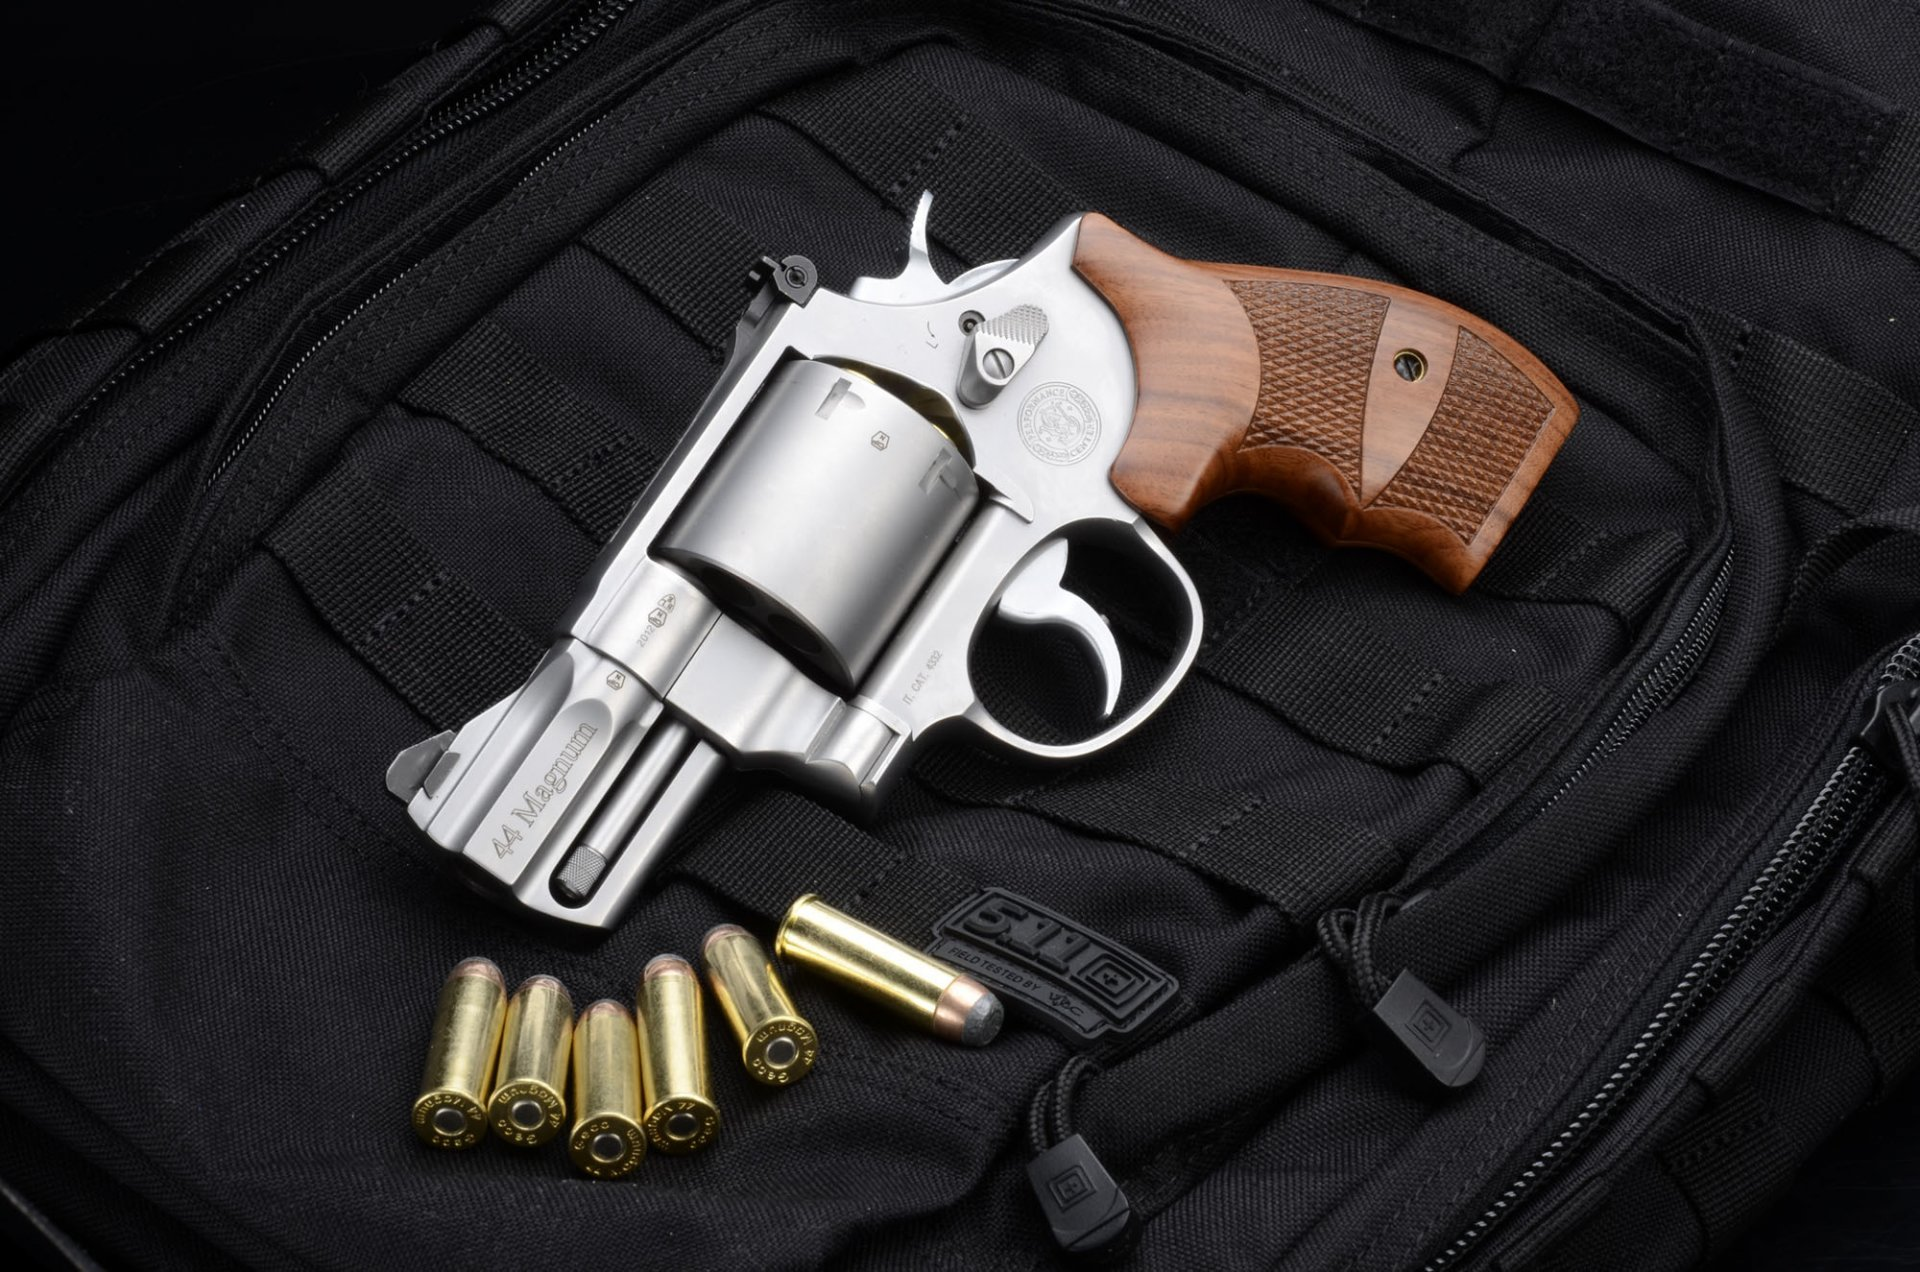 рублях курсу картинки револьверов смит вессон натюрморте